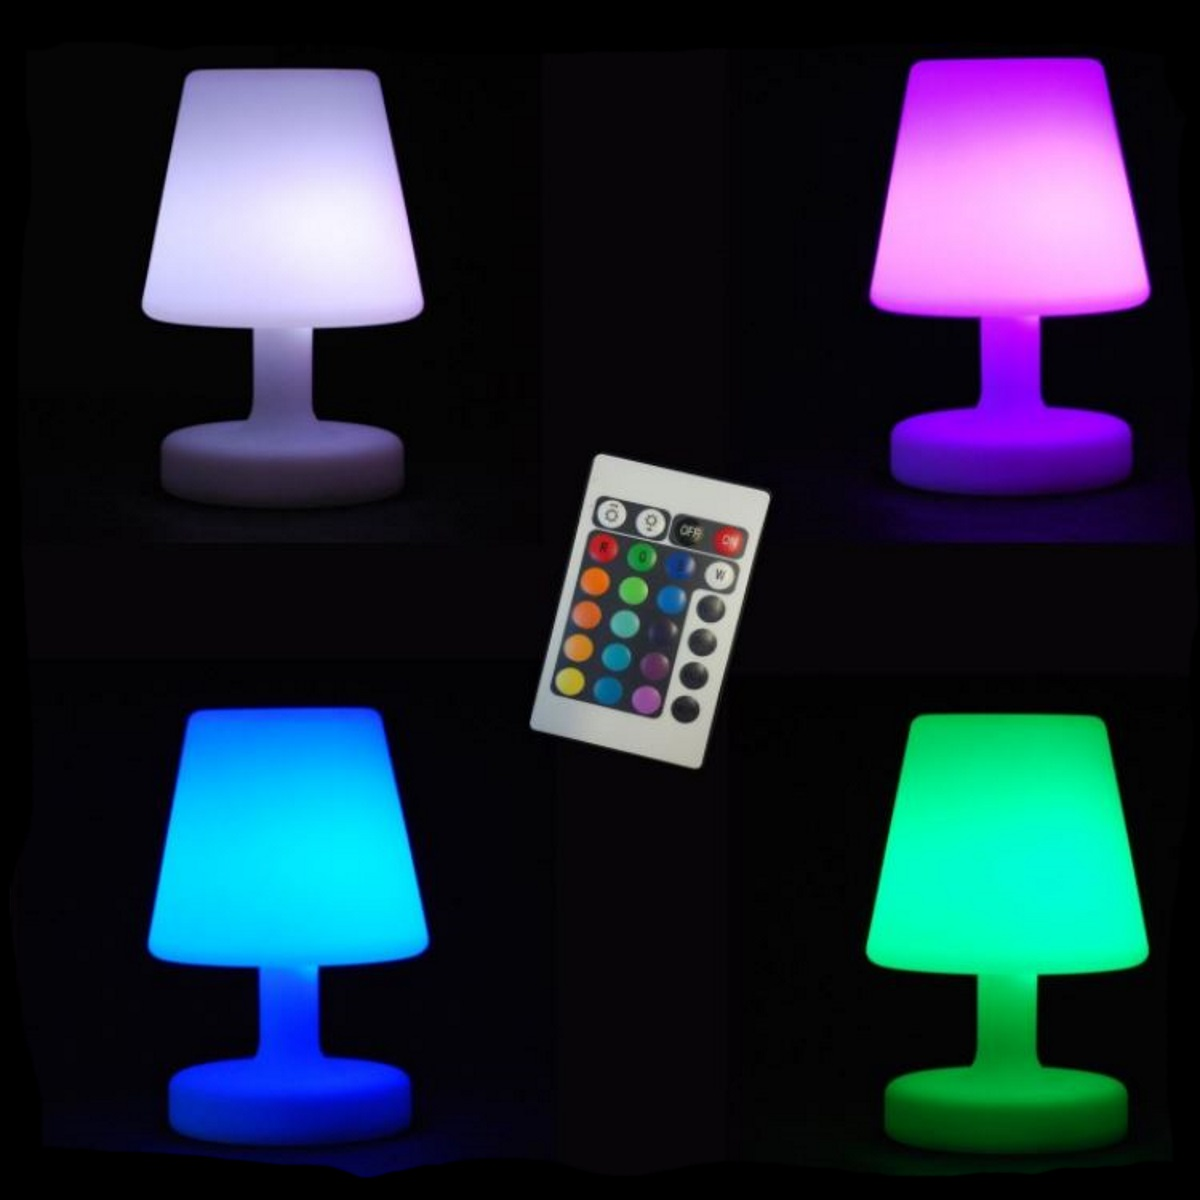 Lampe de table a led et telecommande 16 couleurs 2